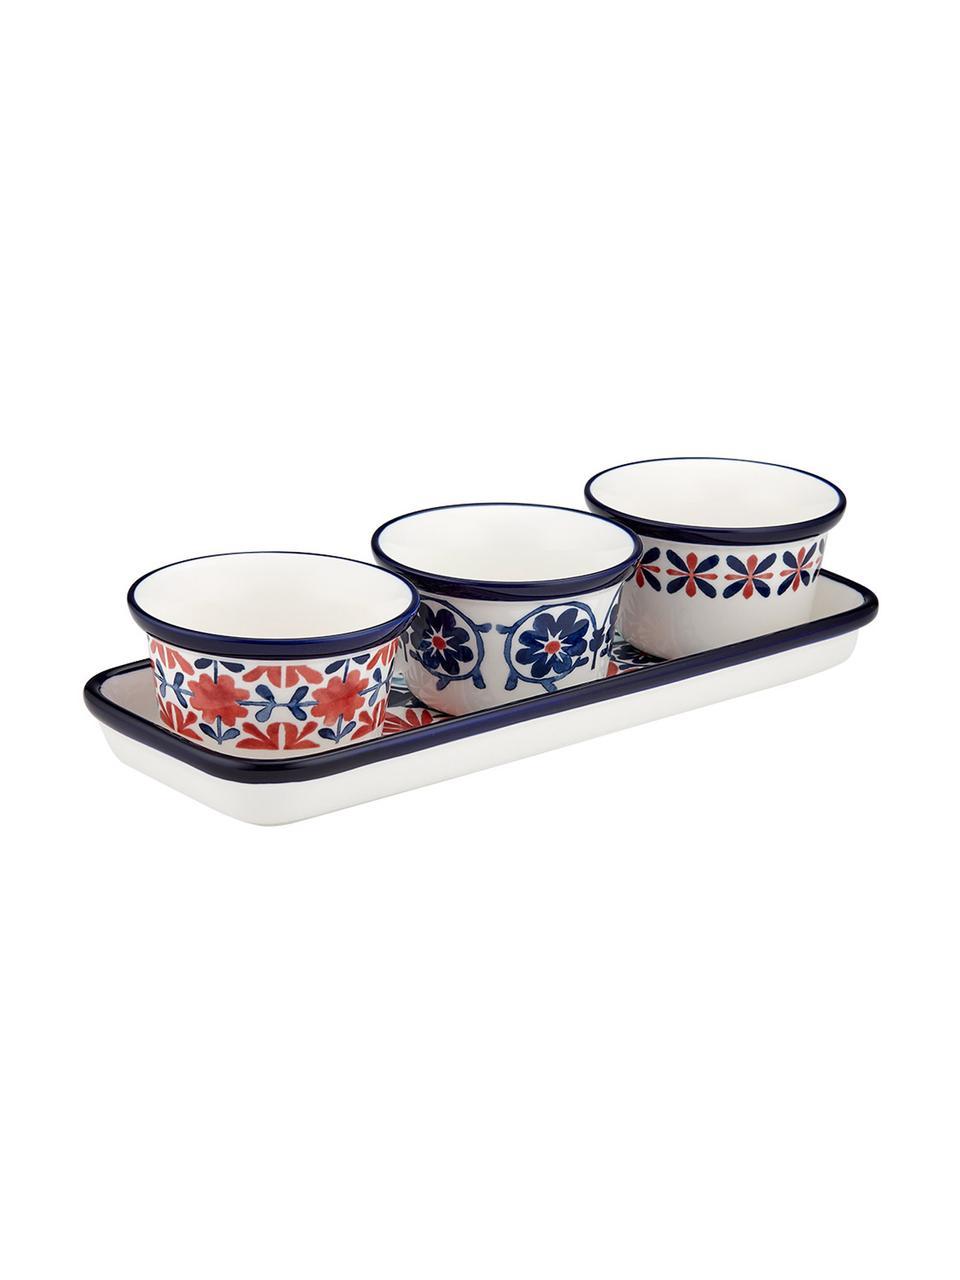 Bunt bemalte Dipschälchen Fiesta, 4er-Set, New Bone China, Rot, Blautöne, Weiß, Ø 10 x H 6 cm